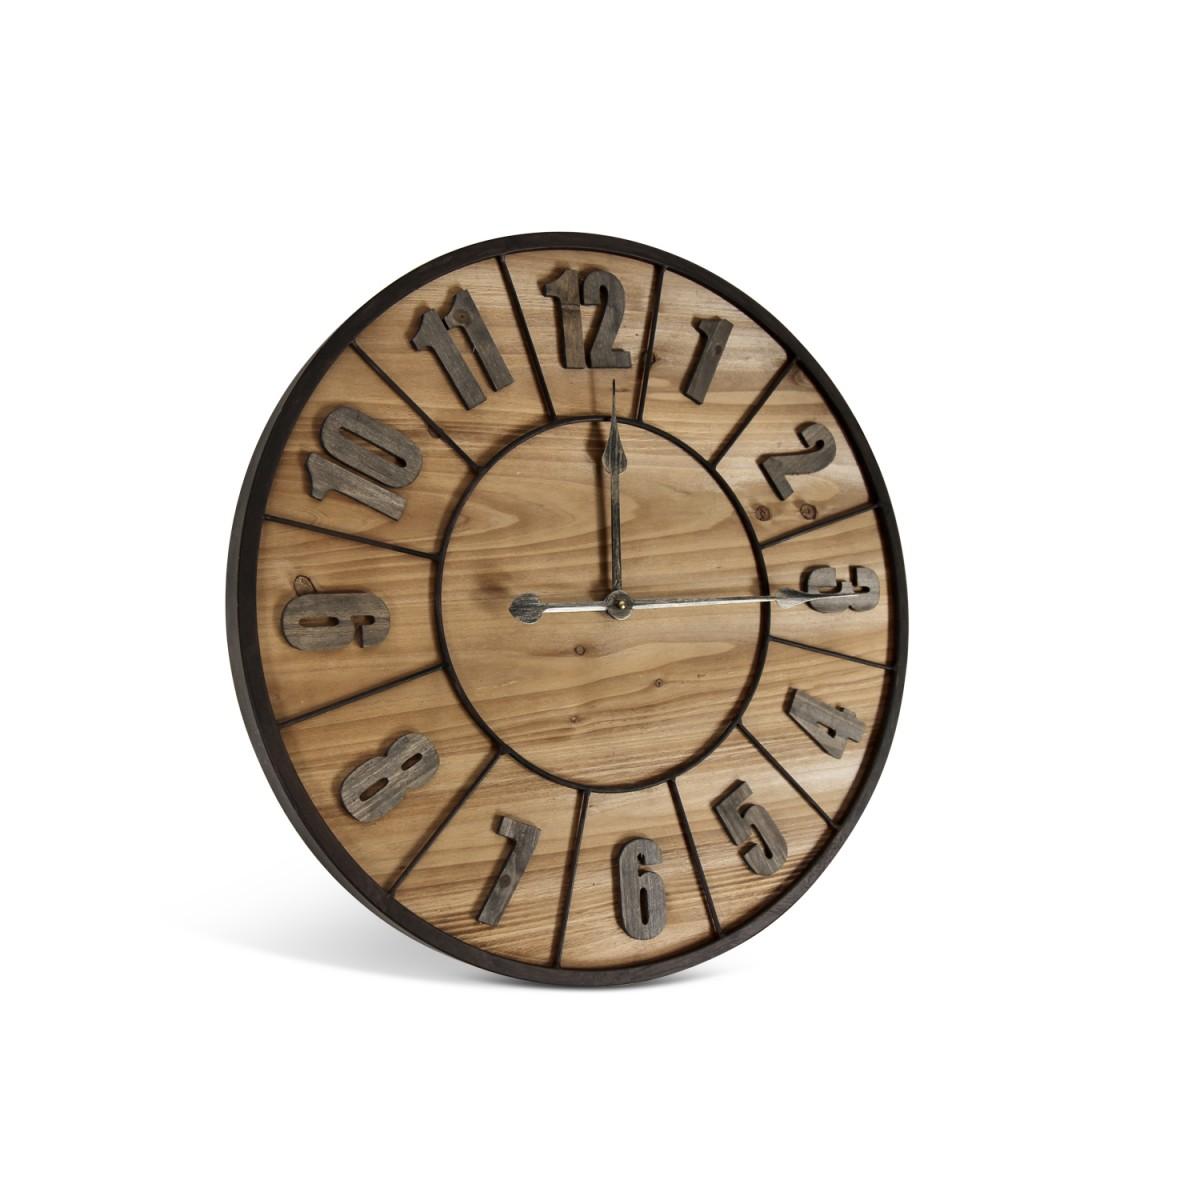 Grande Horloge Ancienne Bois Métal Marron 60x3.5x60cm